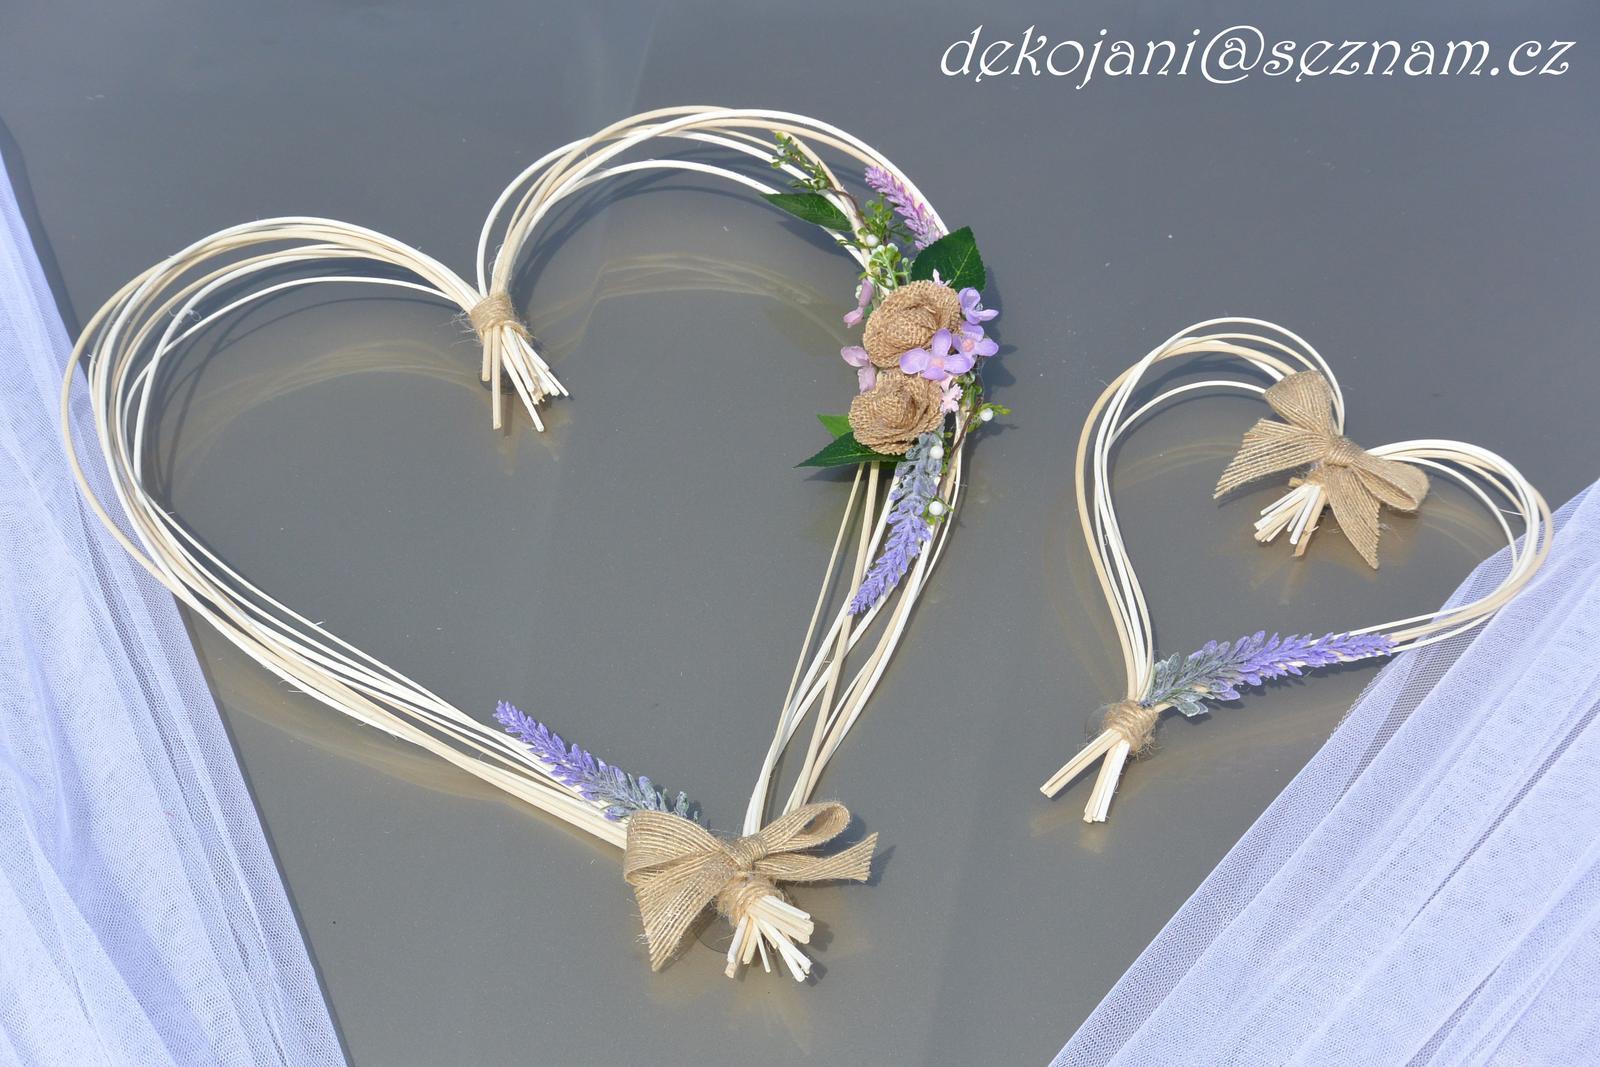 Svatební dekorace vše v barvách na přání! - Obrázek č. 61